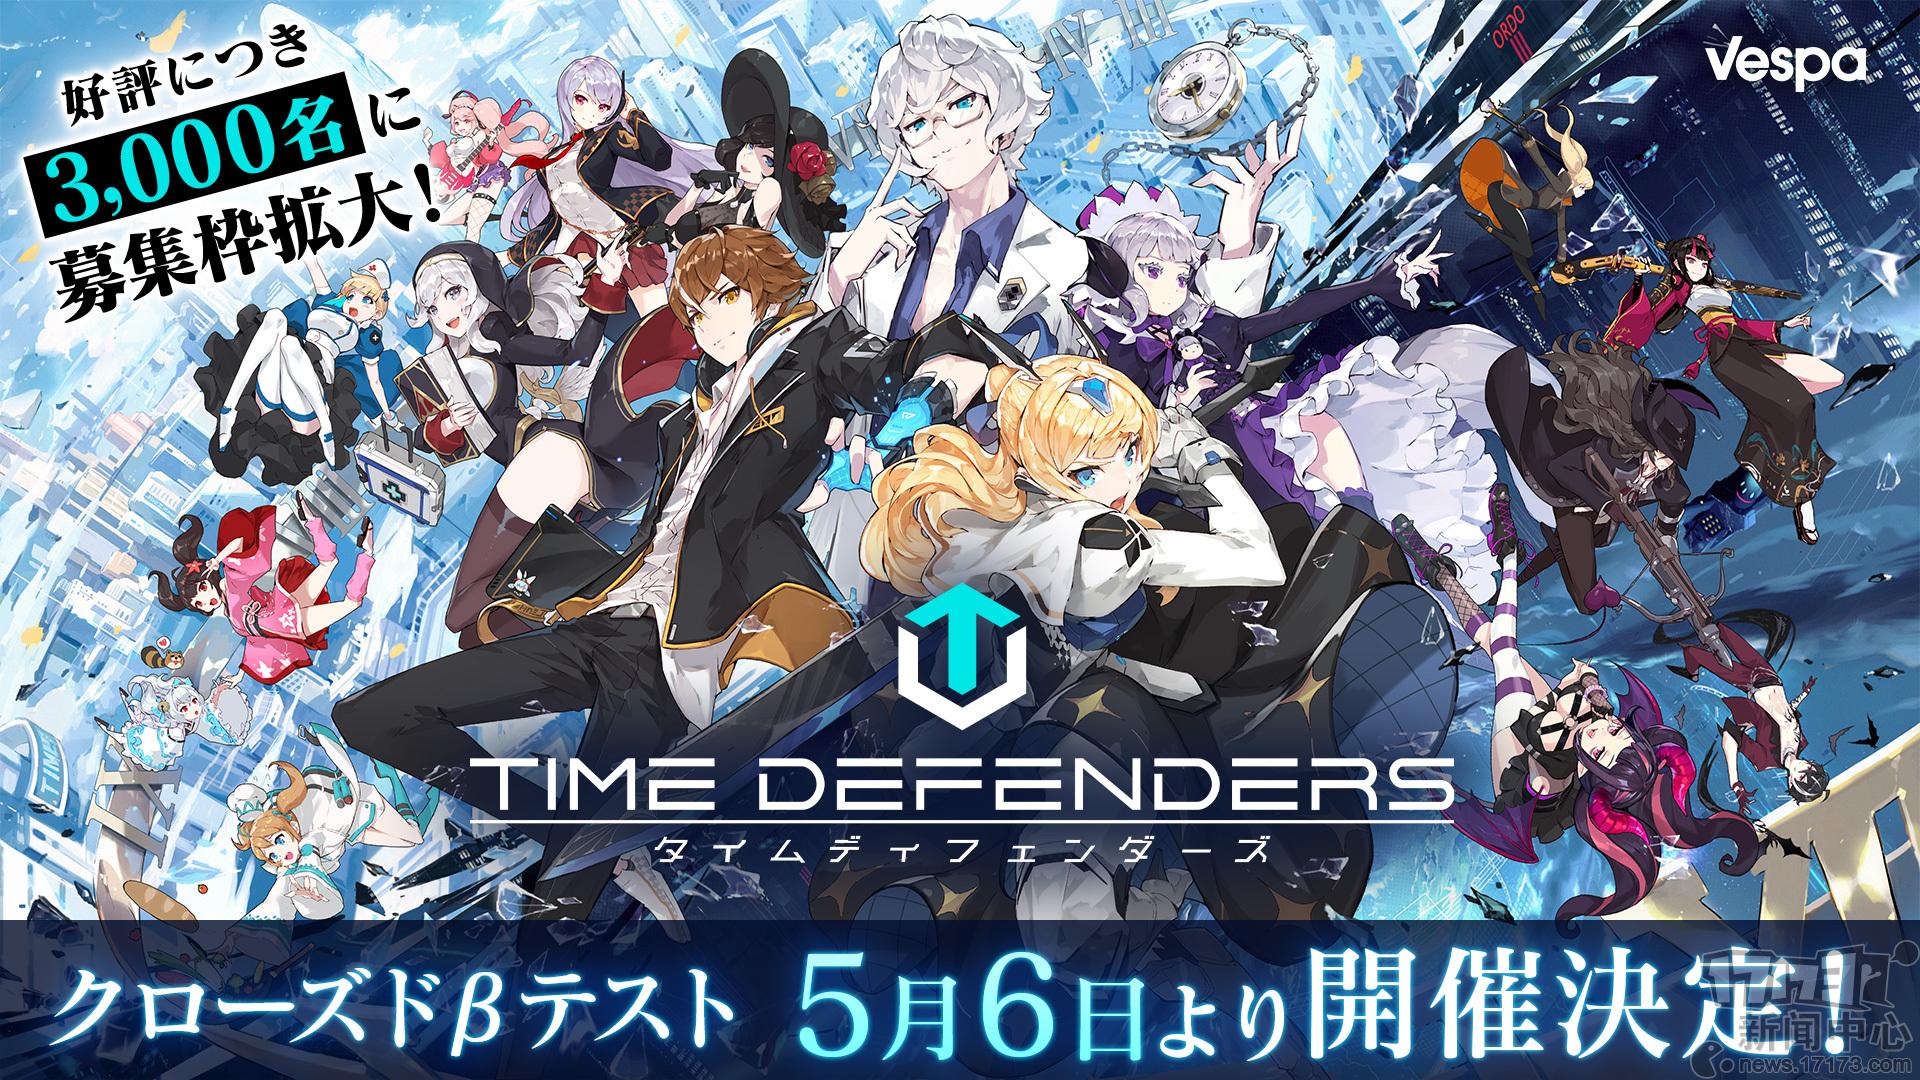 以东京为舞台 塔防RPG手游《时间卫士》开启测试